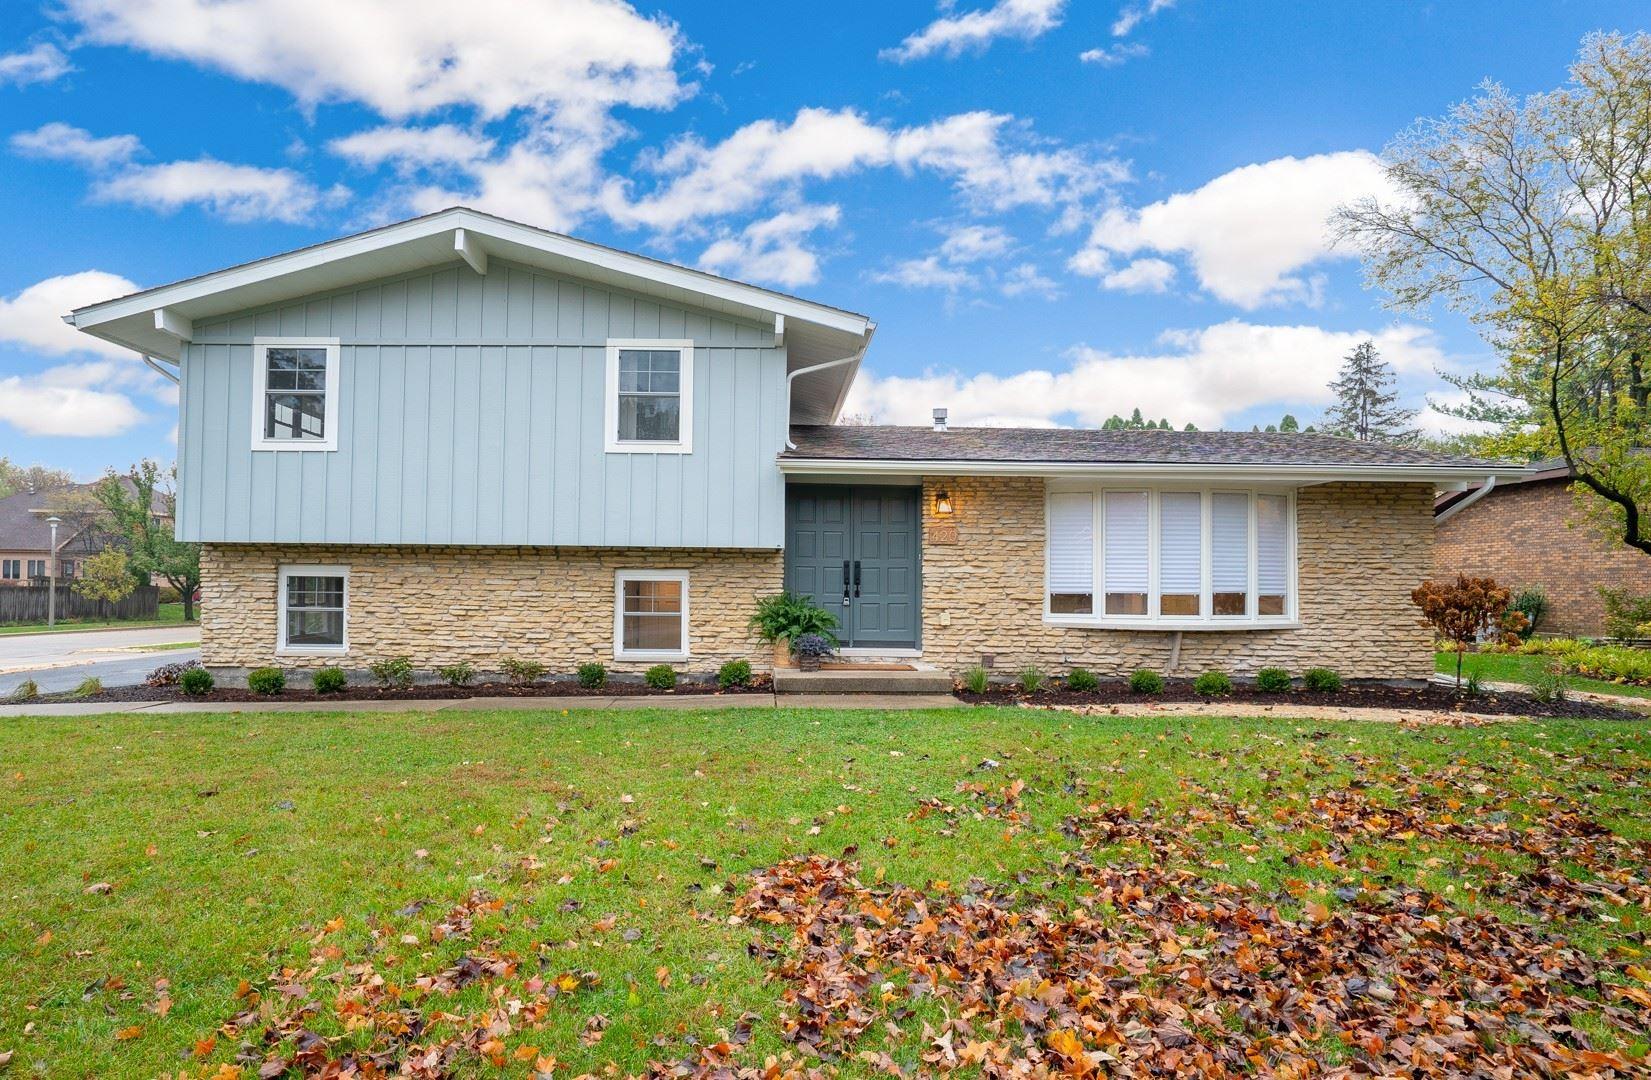 Photo of 420 Meadow Wood Drive, Joliet, IL 60431 (MLS # 10915019)